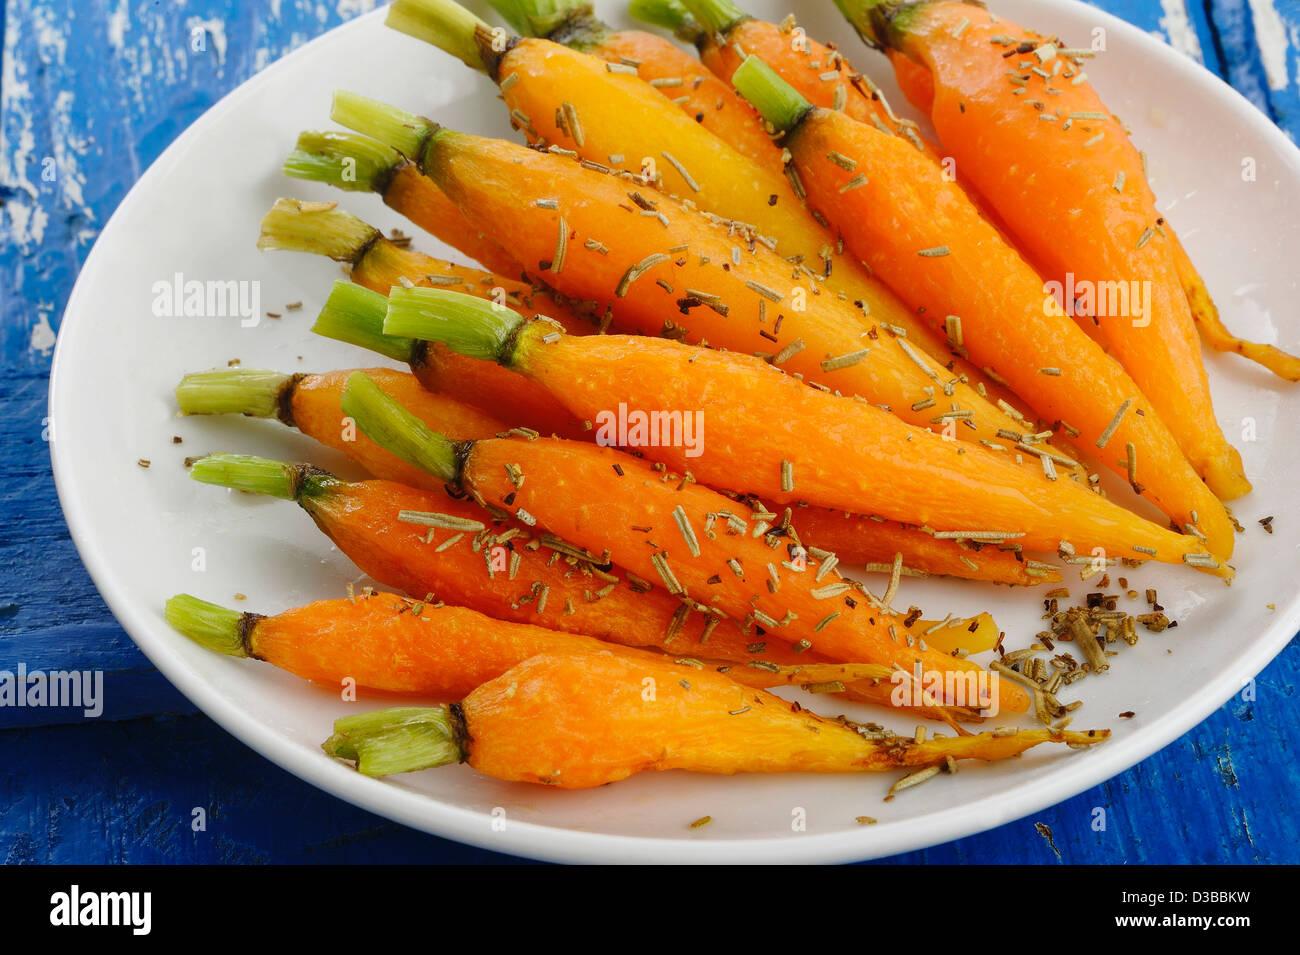 Baby Zanahoria Cocida Con Romero Fotografia De Stock Alamy De la zanahoria suele decirse que ayuda a broncear la piel y que es buena para la vista, pero más allá de al vapor, hervida, cruda, cocida, licuada o simplemente fresca y a bocados, la zanahoria forma. alamy